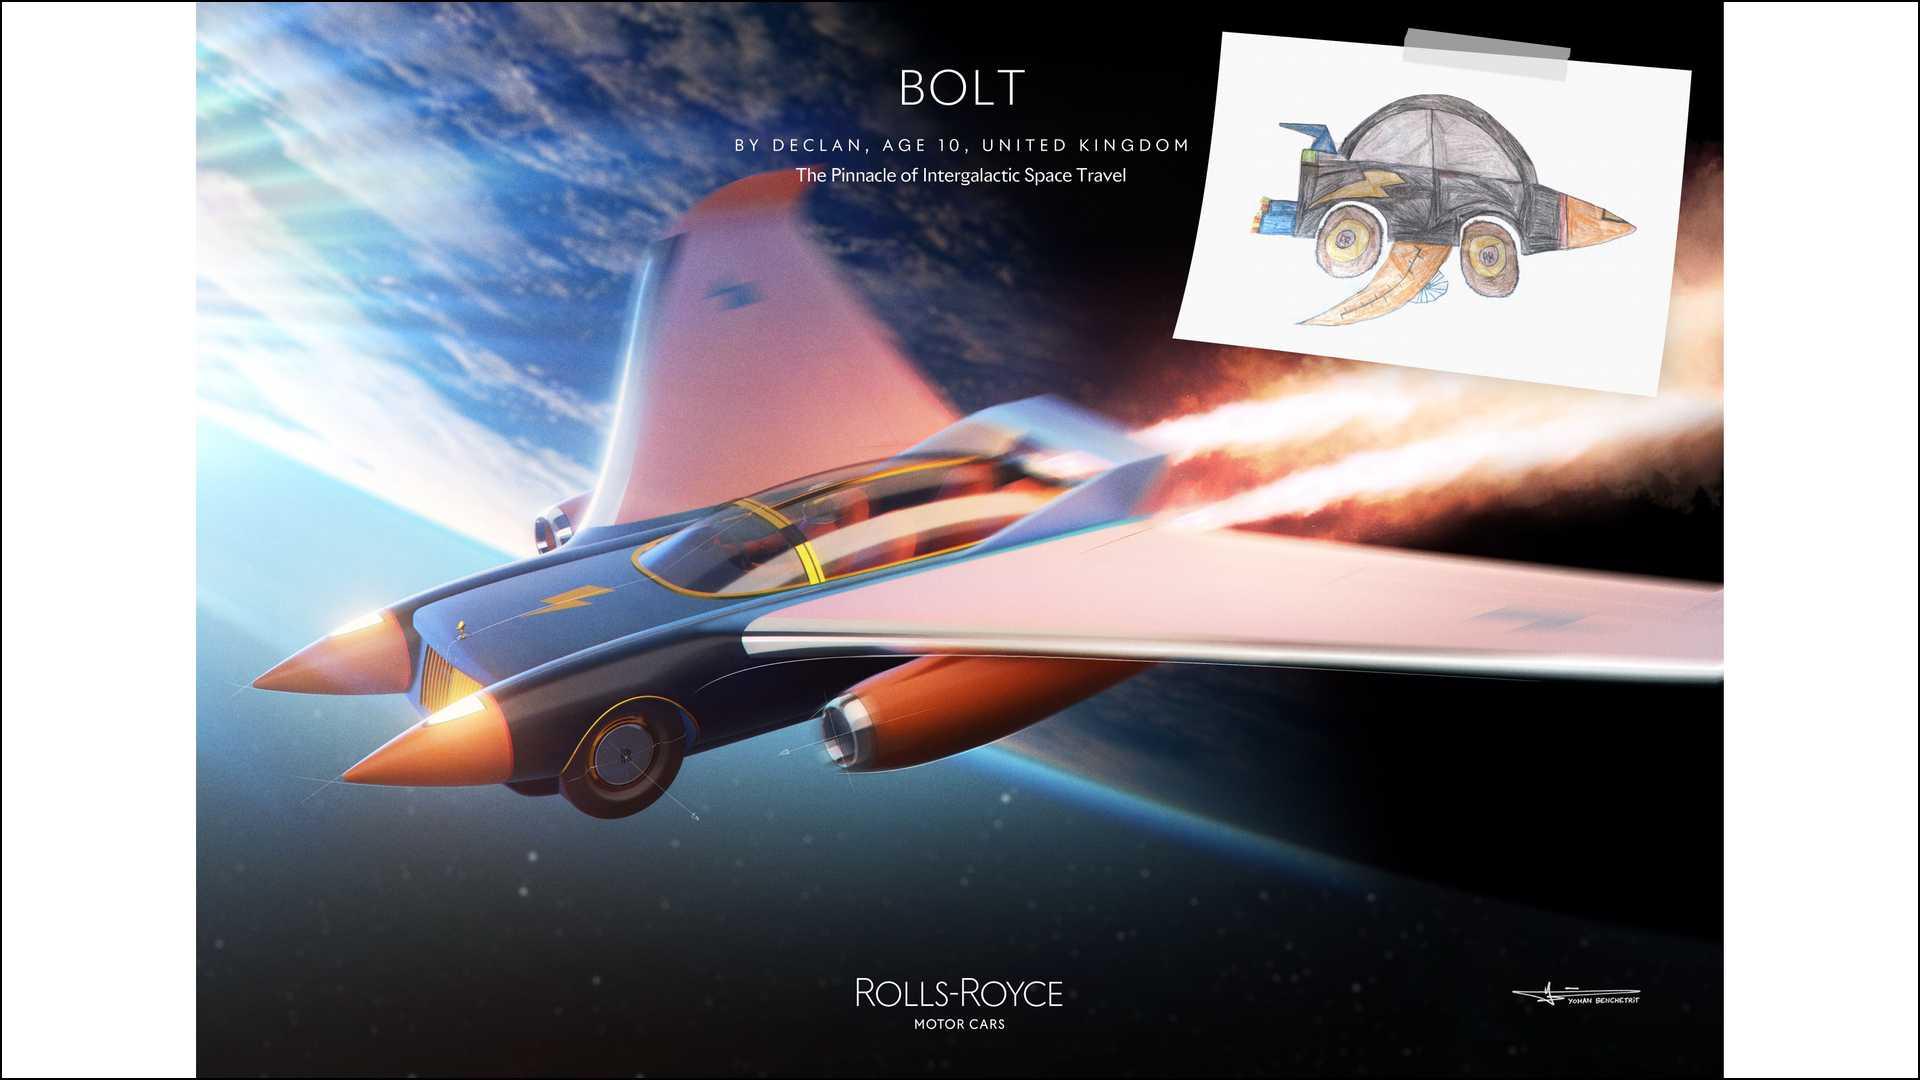 《勞斯萊斯Bolt》—— 來自英國的 10 歲青年設計師 Declan。